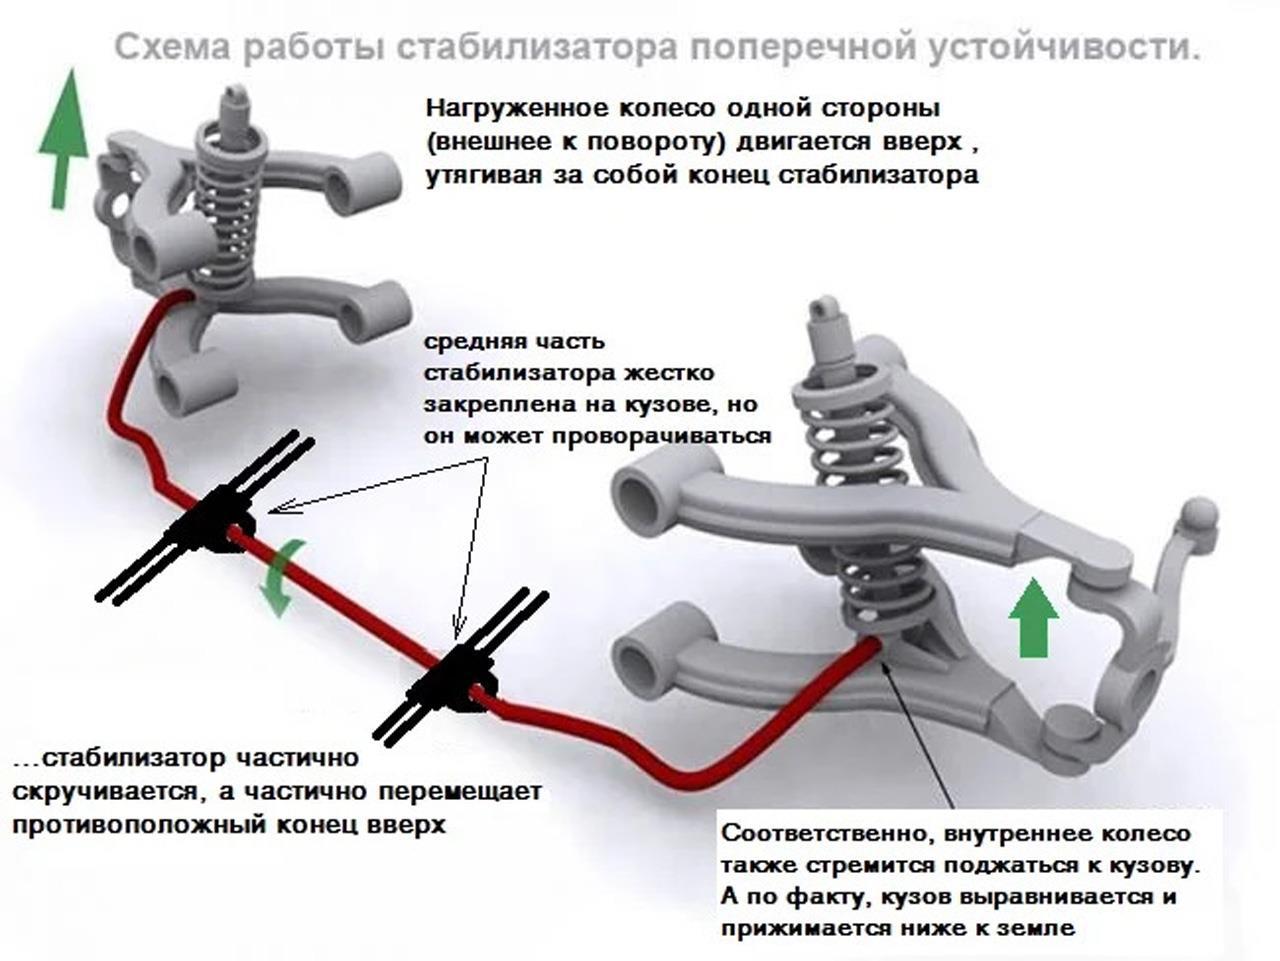 Схема стабилизатора поперечной устройчивости